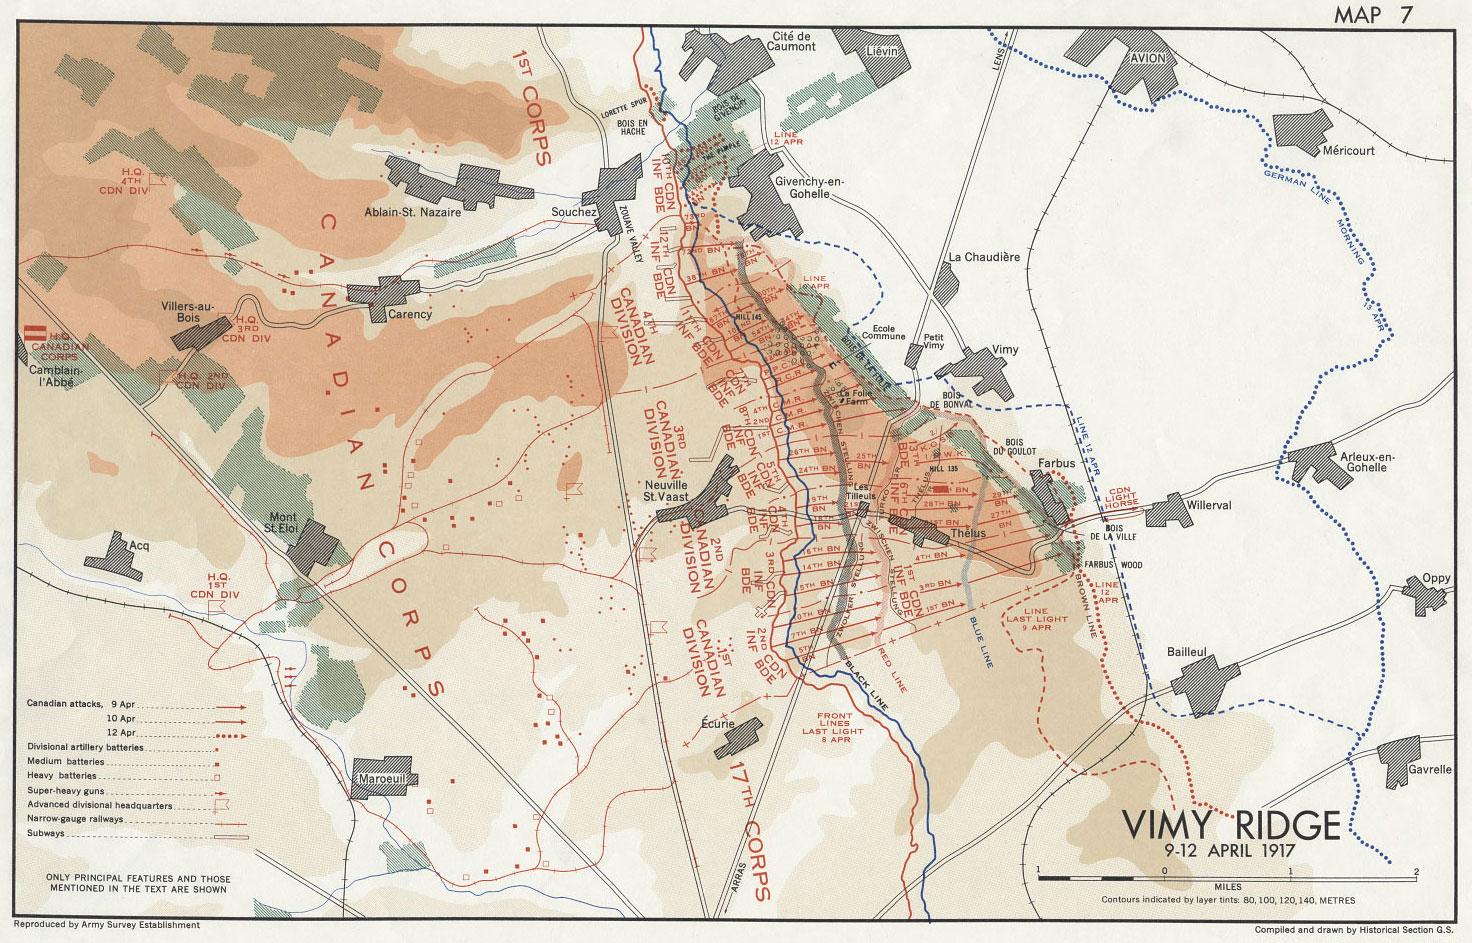 Vimy Ridge Battle Plan -- April 1917